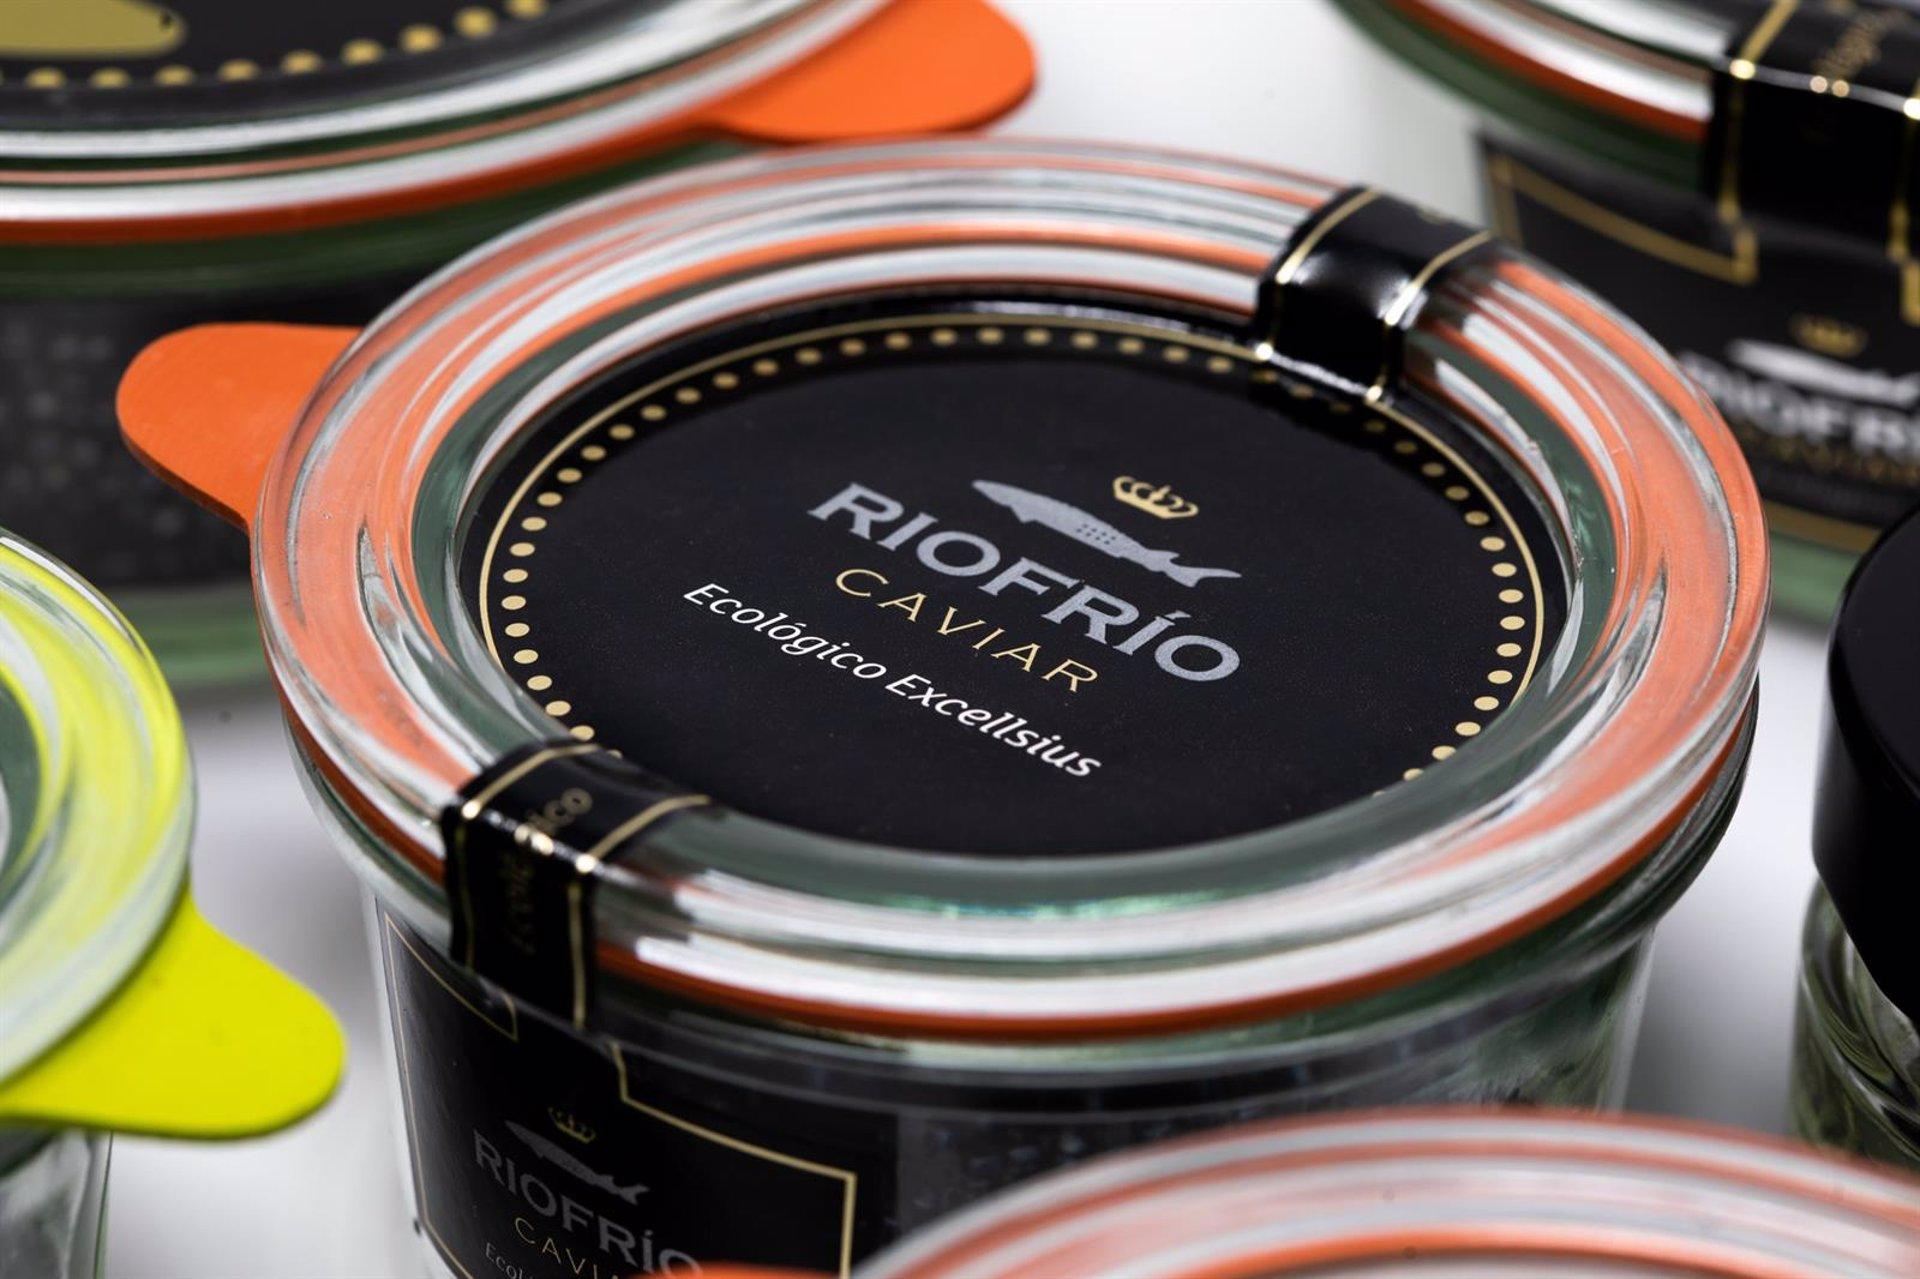 El caviar español Riofrío prevé desembarcar este año en EEUU y Emiratos Árabes